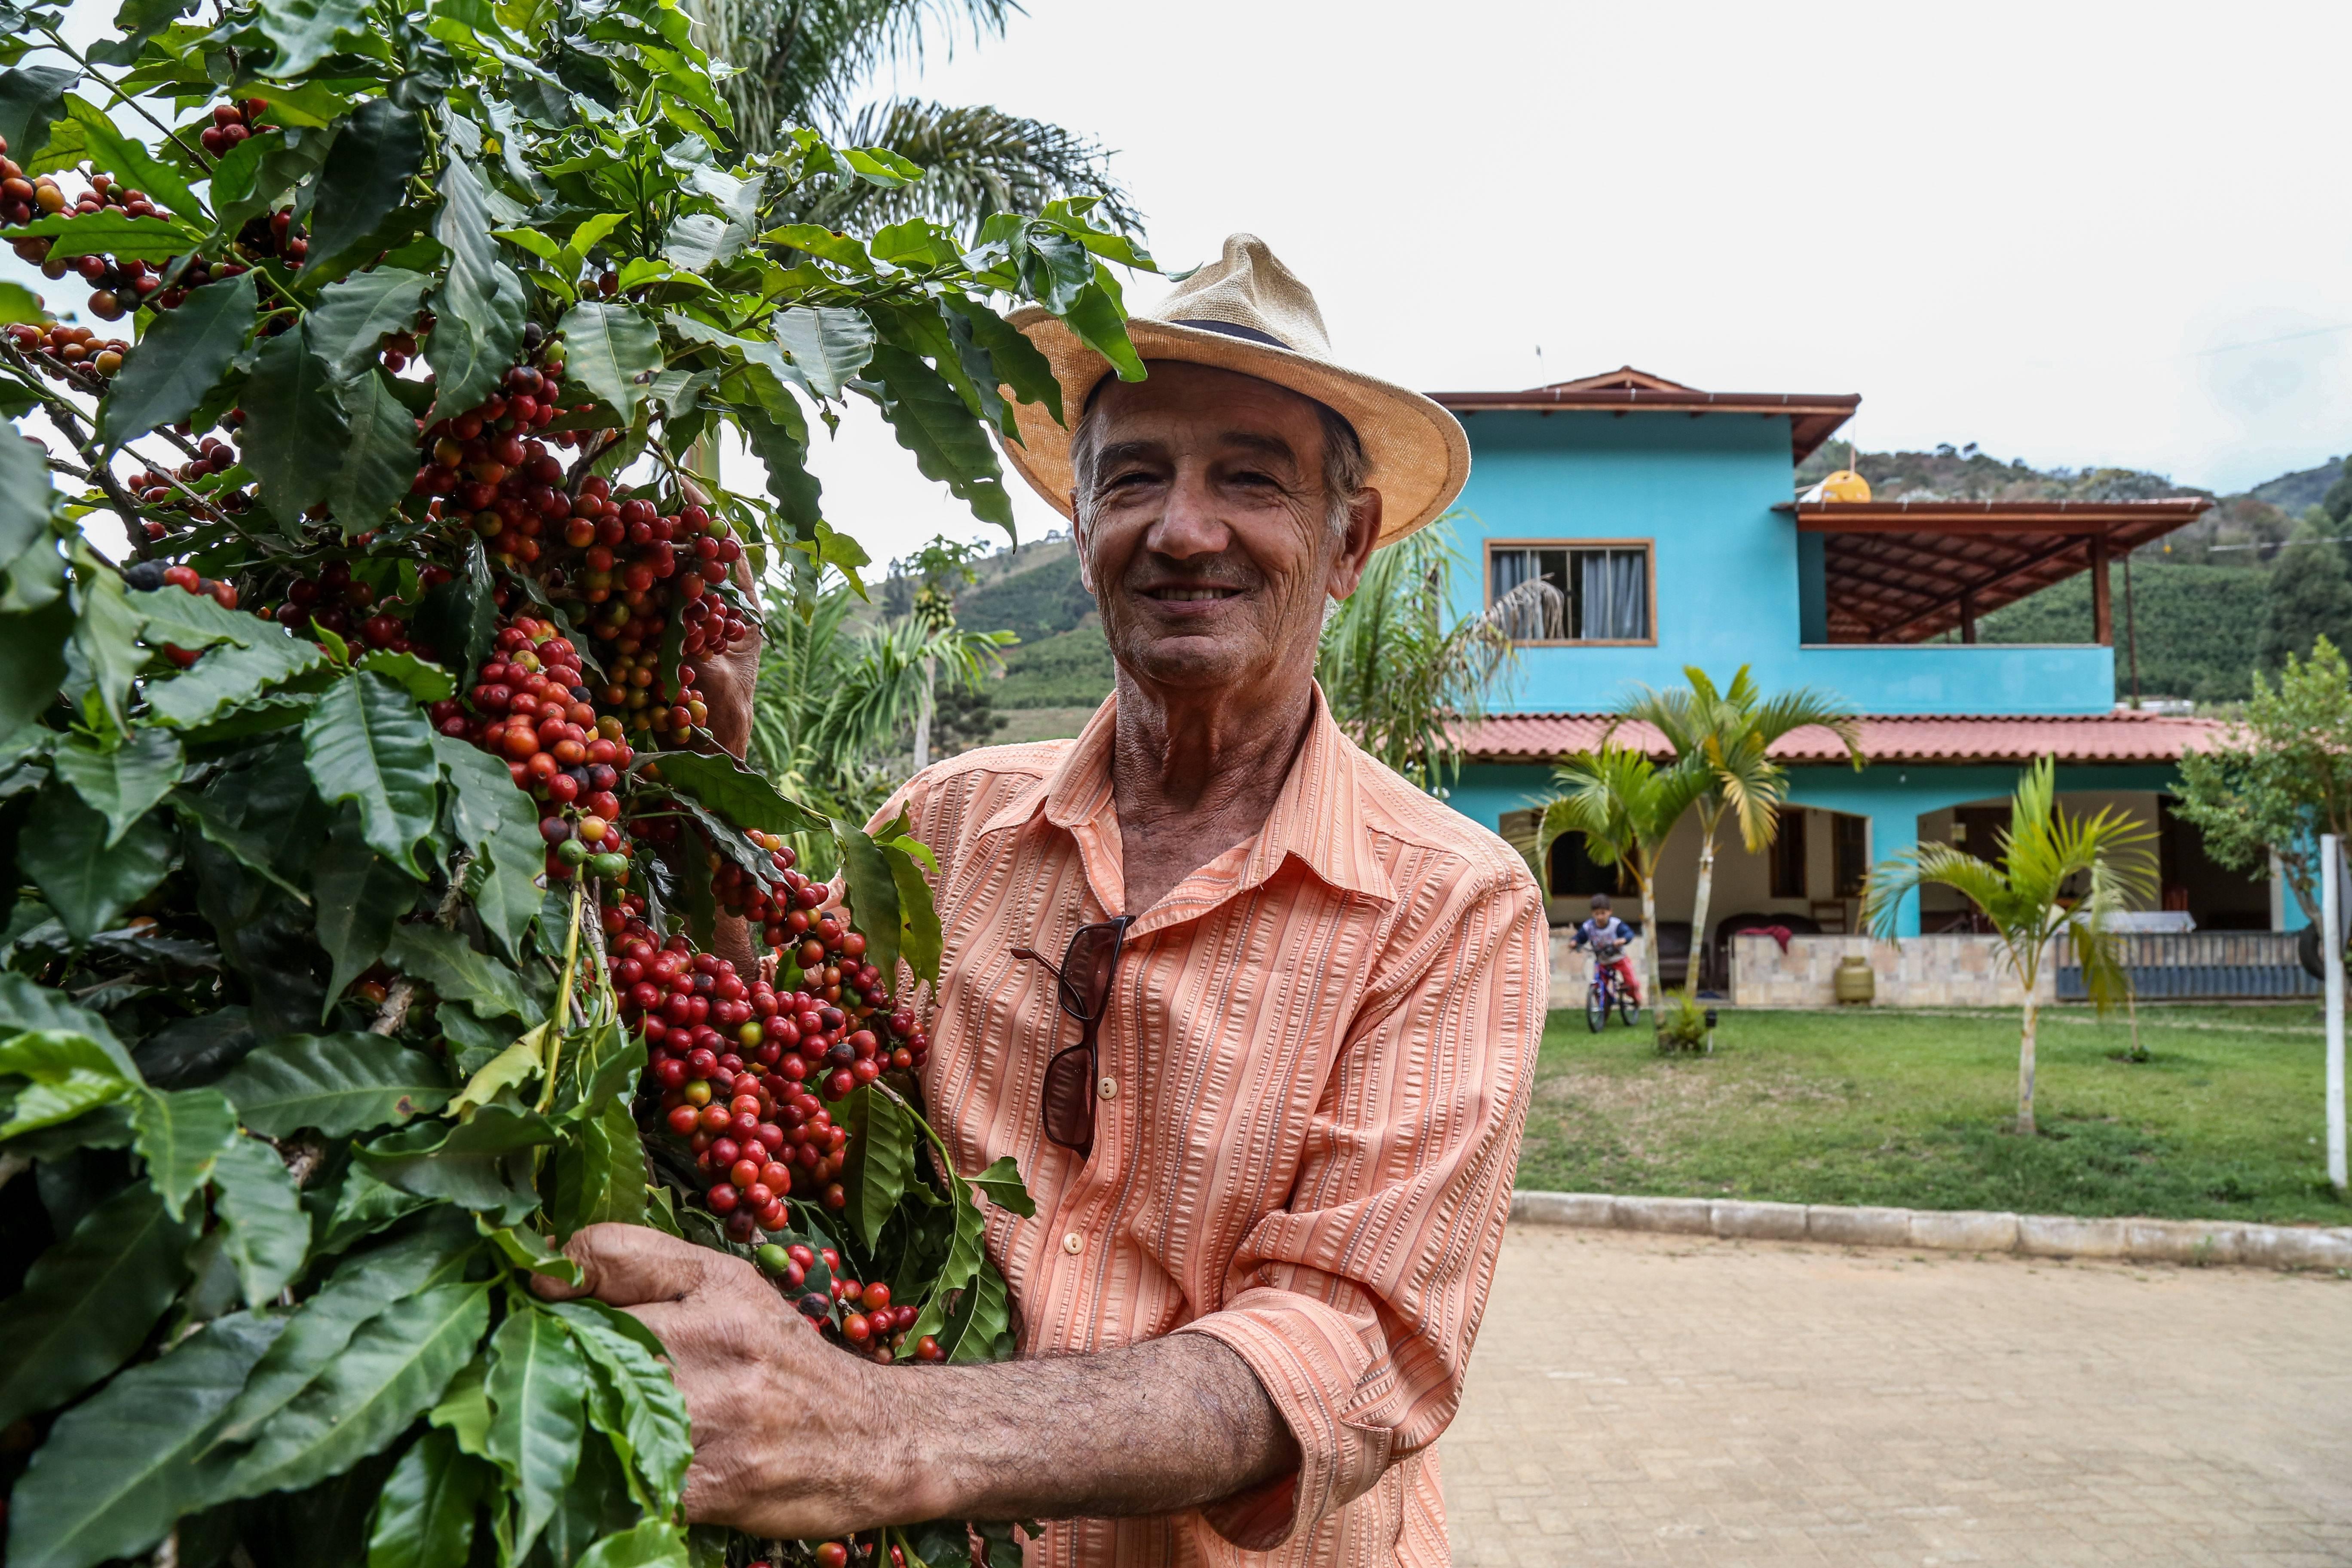 O cafeicultor Manoel Protázio de Abreu, que planta variedades de café arábica. As plantas são polinizadas por abelhas e ele não usa agrotóxicos na lavoura. Foto: Rogério Machado/Gazeta do Povo